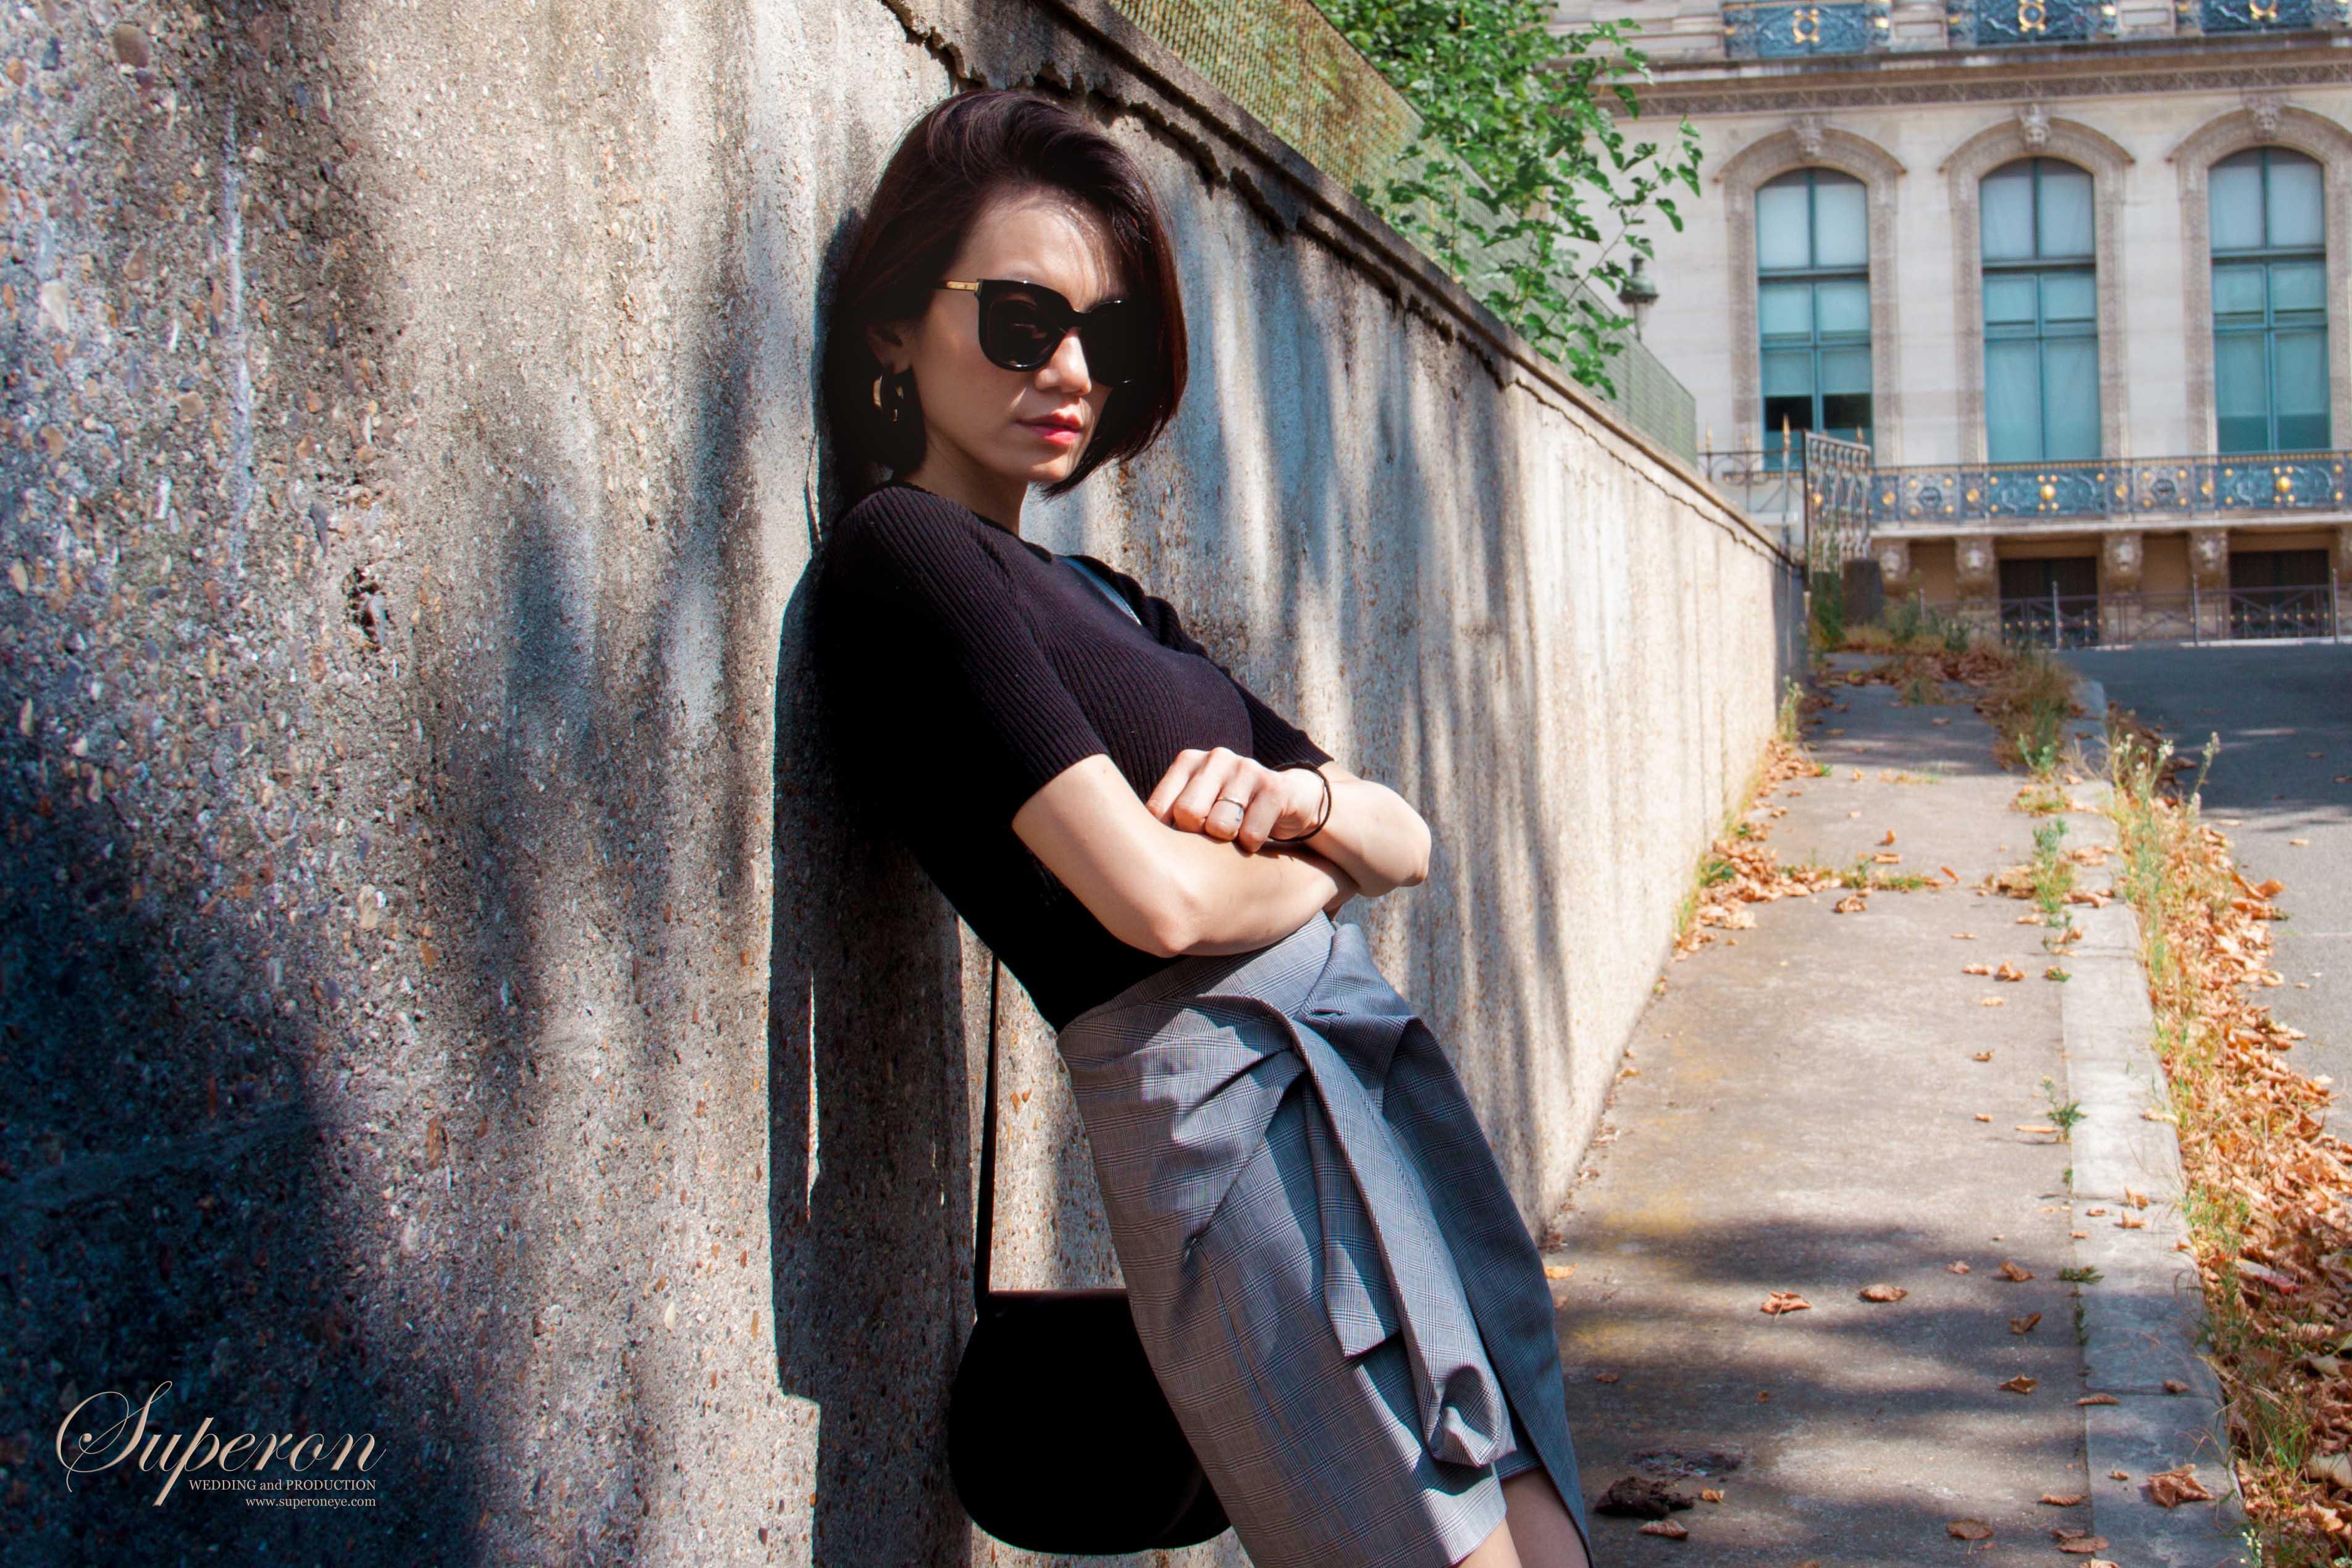 巴黎個人攝影   法國巴黎攝影   巴黎個人旅拍